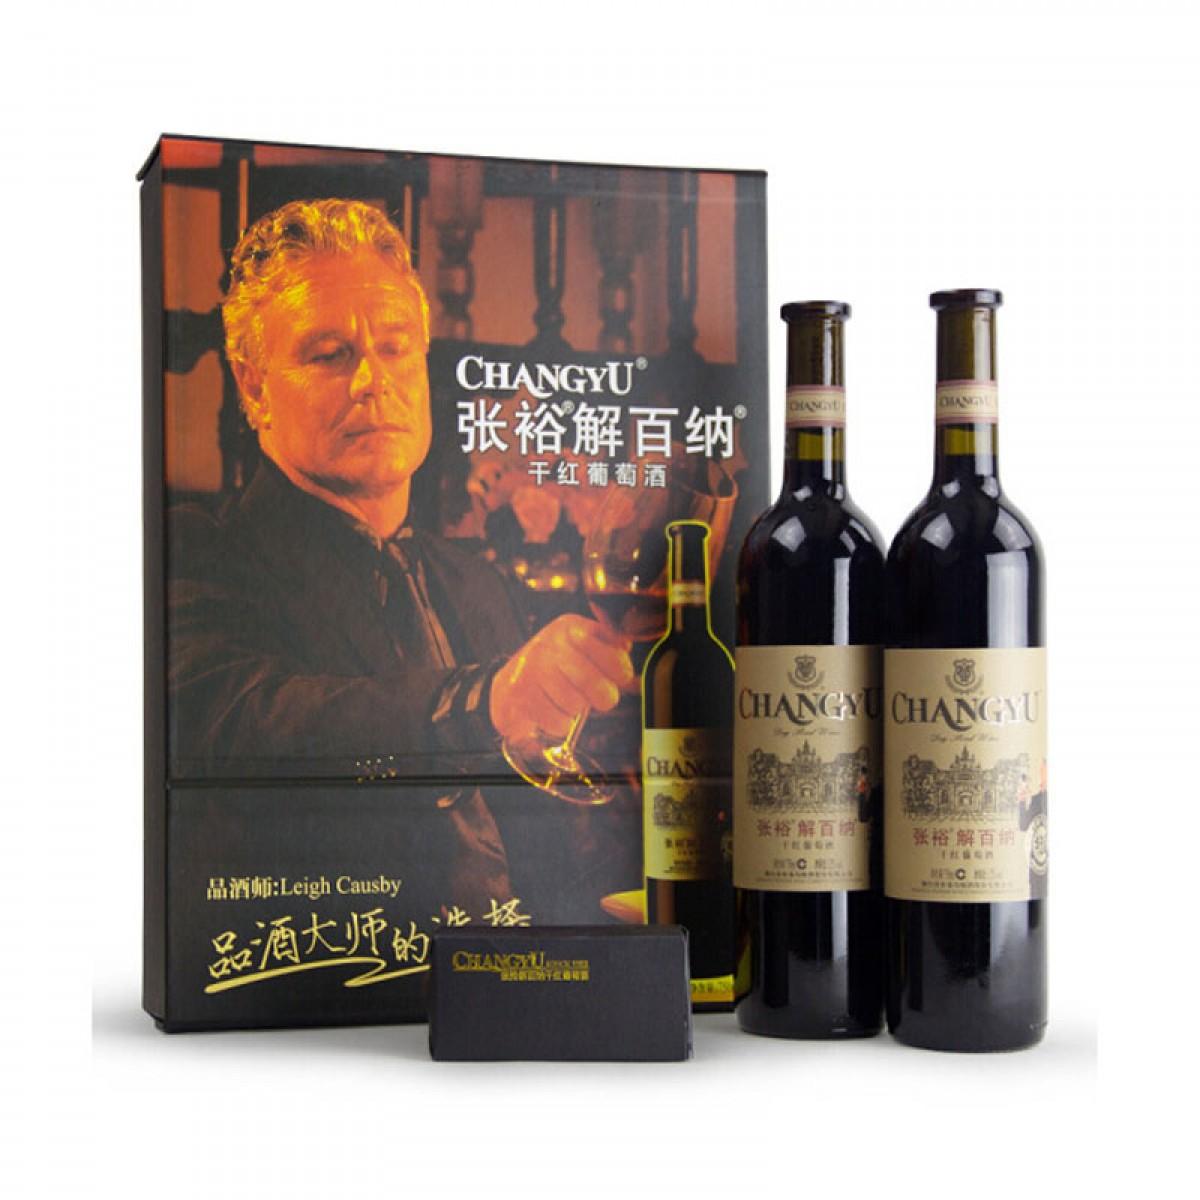 张裕 解百纳品酒大师 干红葡萄酒 750mlX2瓶 双支礼盒